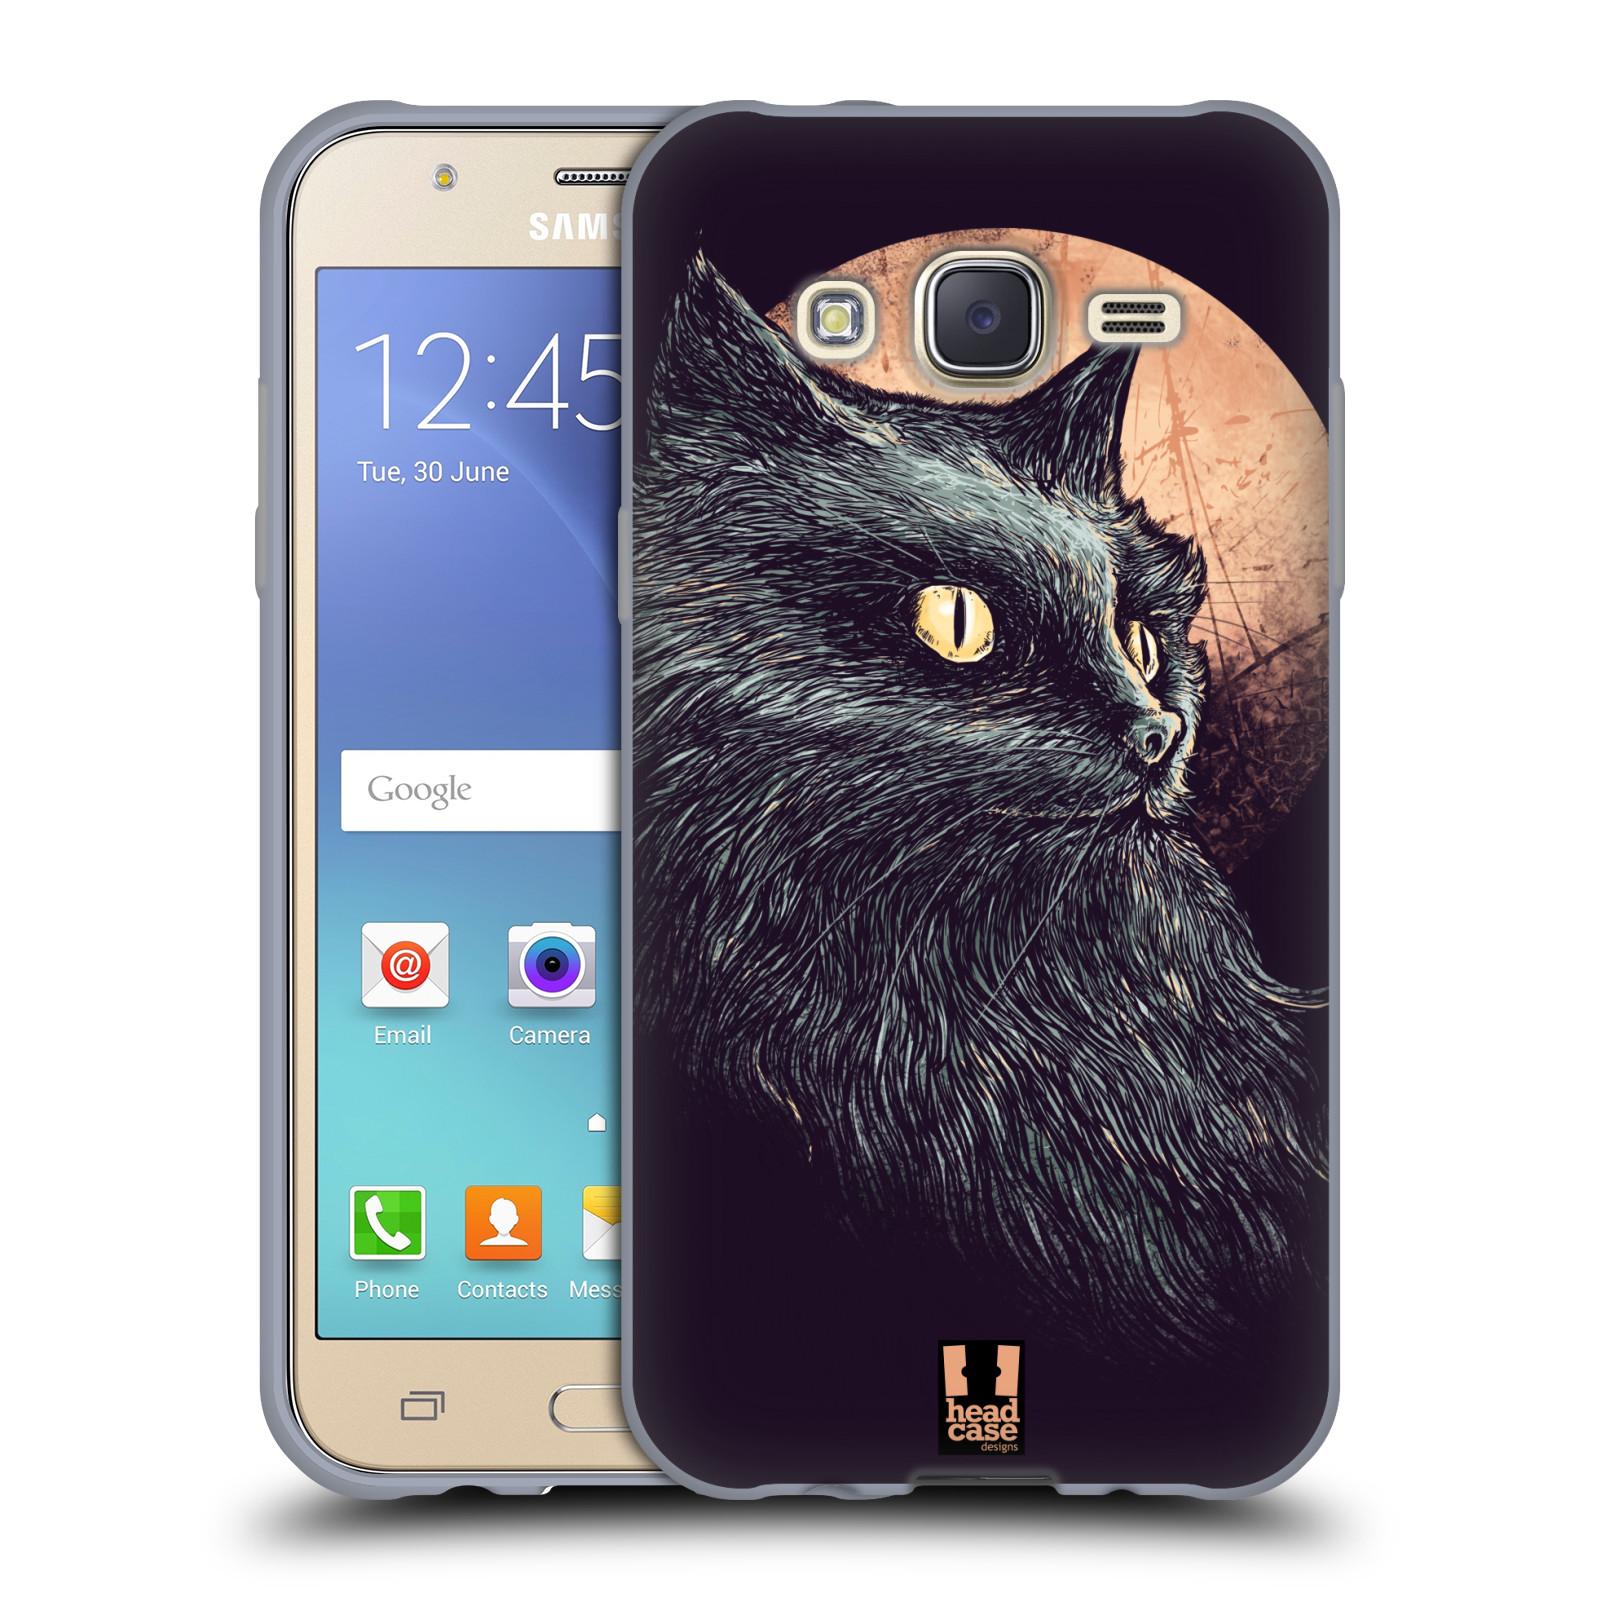 HEAD CASE silikonový obal na mobil Samsung Galaxy J5, J500, (J5 DUOS) vzor Gotická kočka oranžový měsíc